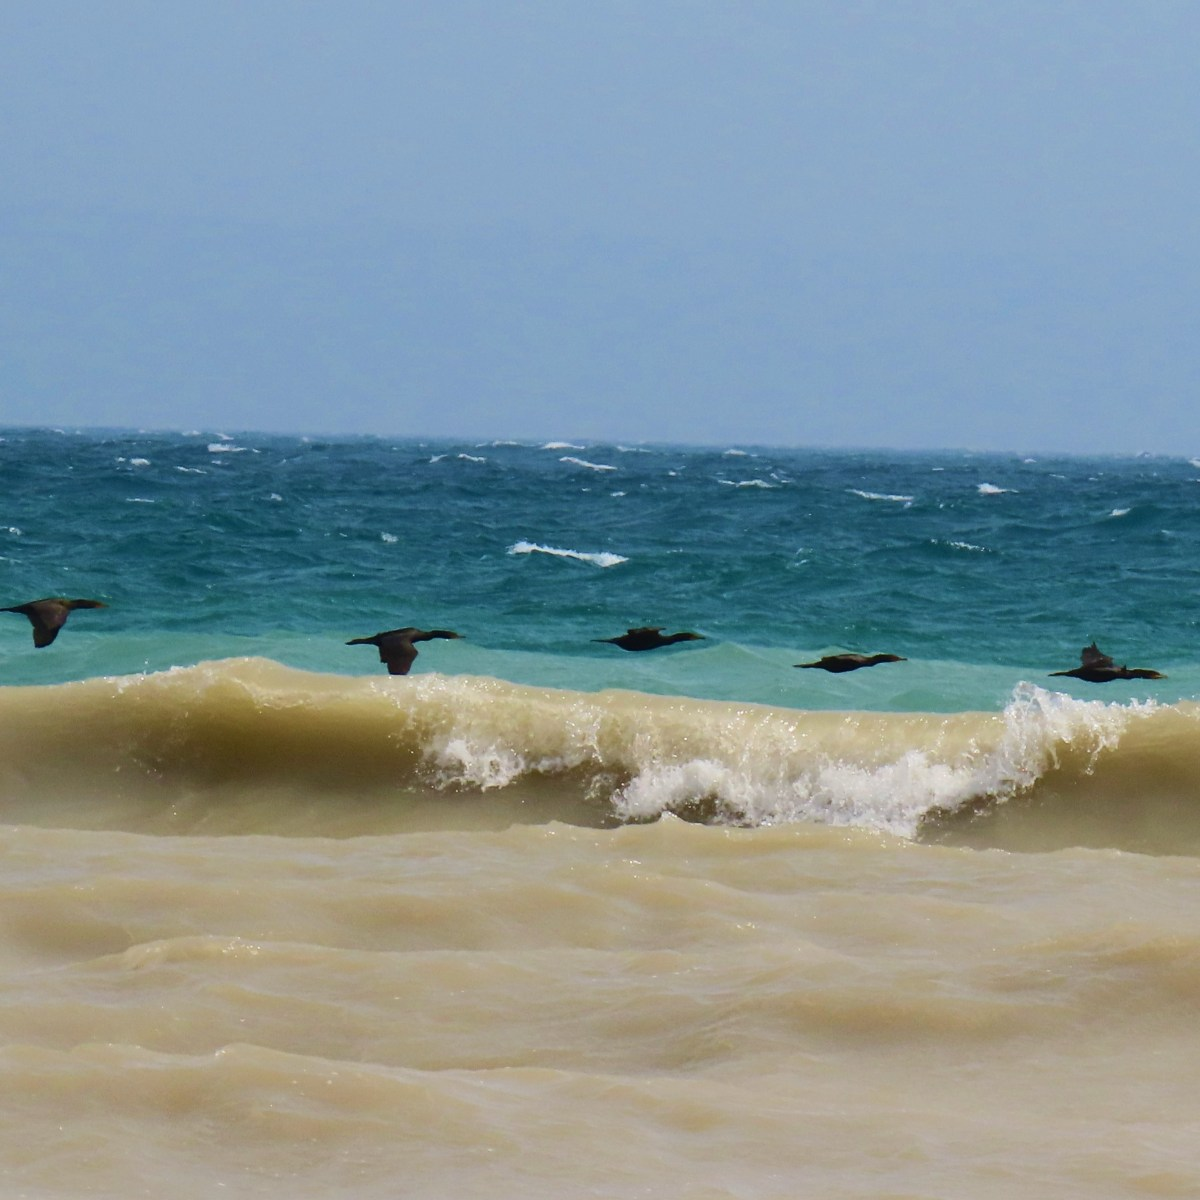 Cormorants flying low near water